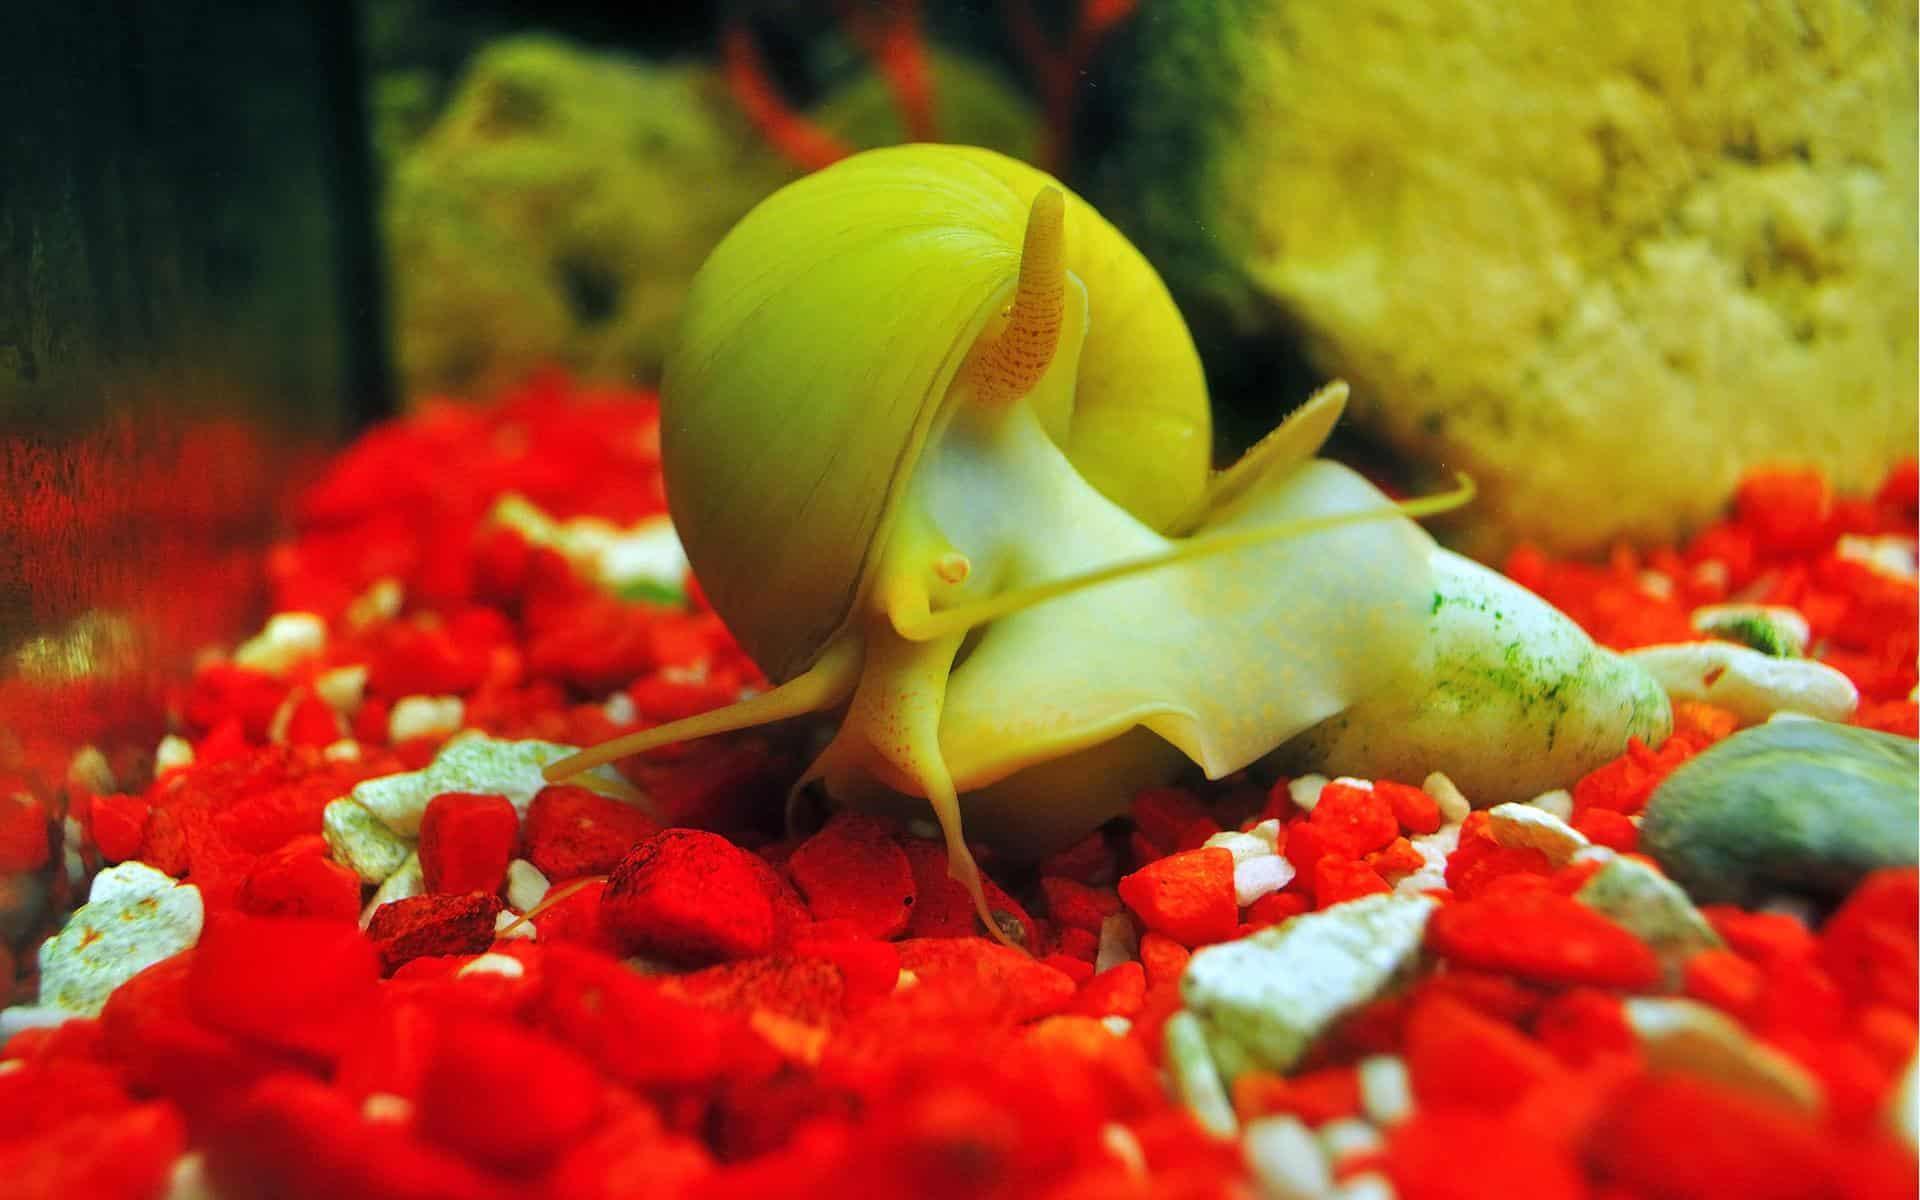 gold inca snail crawling